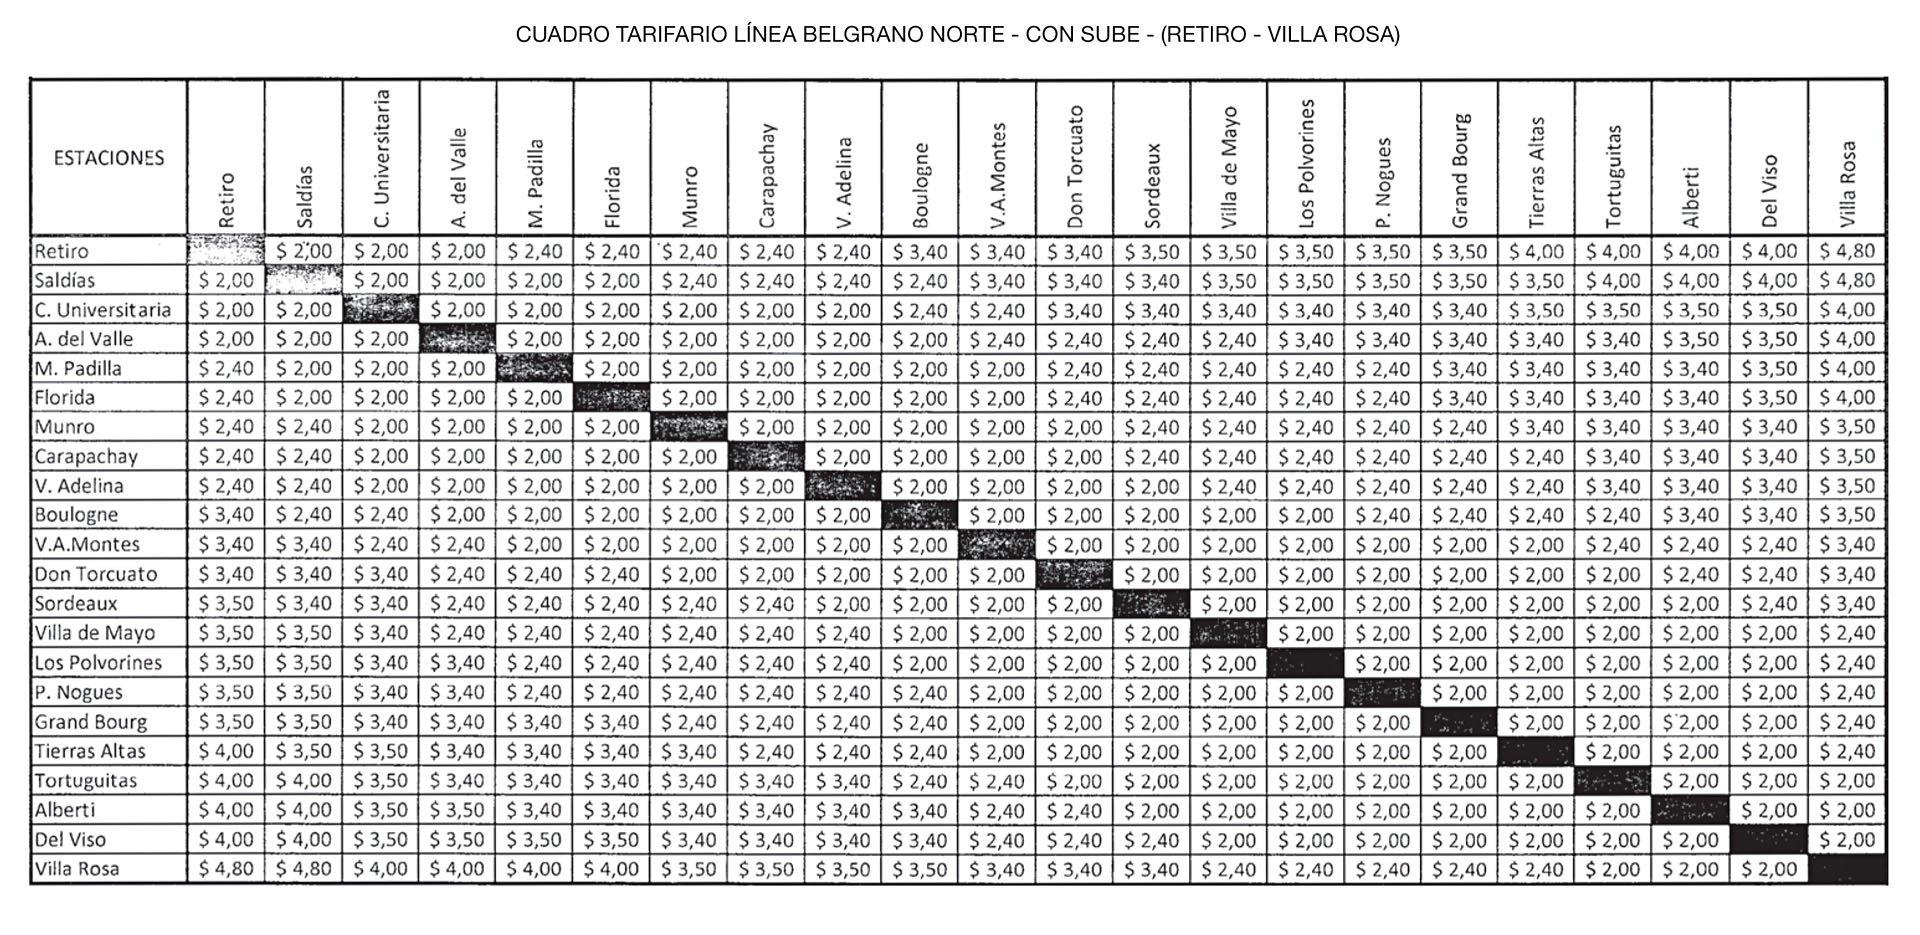 Nuevas tarifas para el ferrocarril Belgrano Norte con SUBE